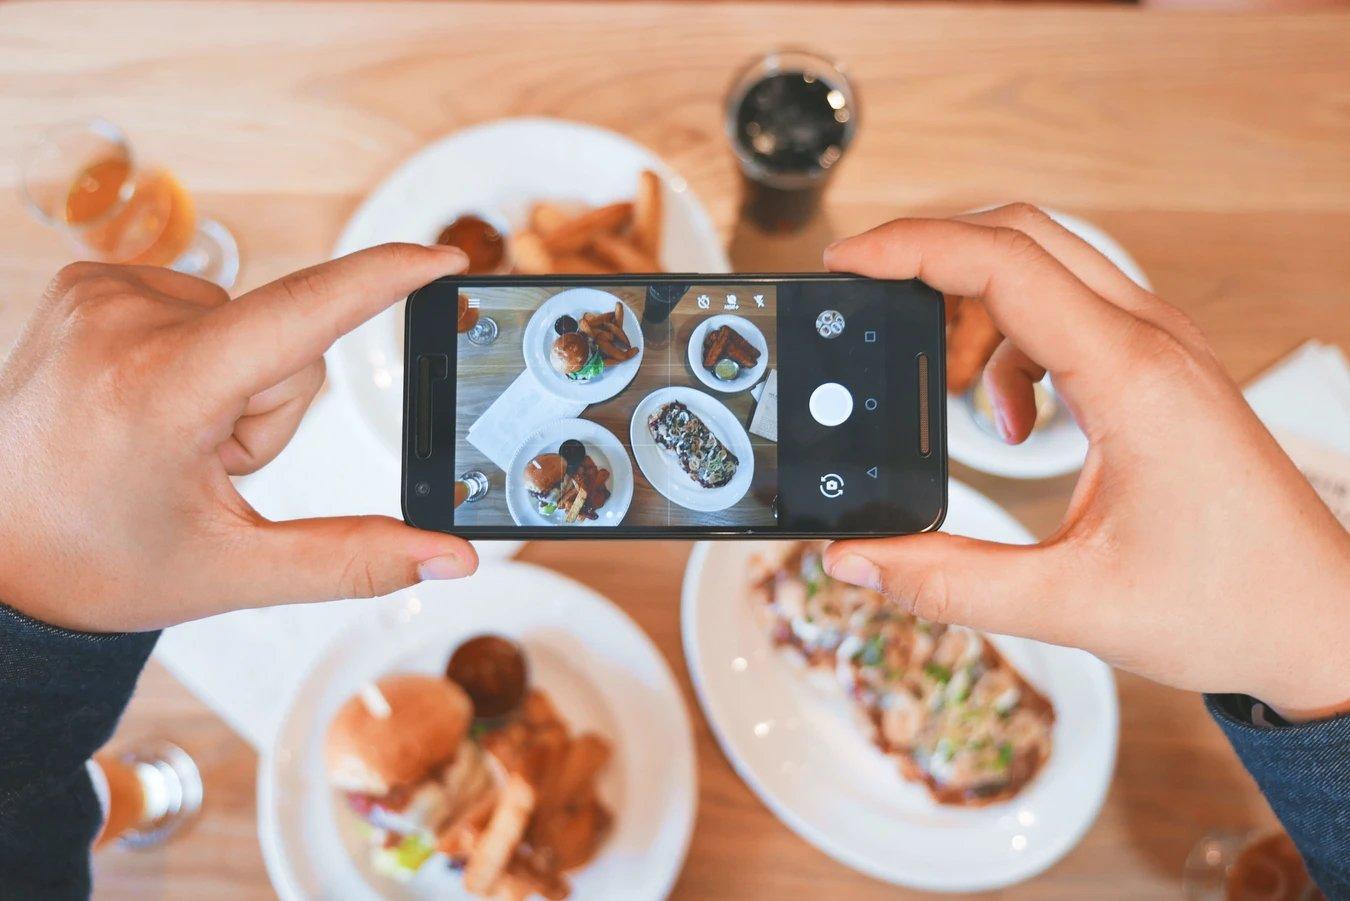 Android câmara smartphone